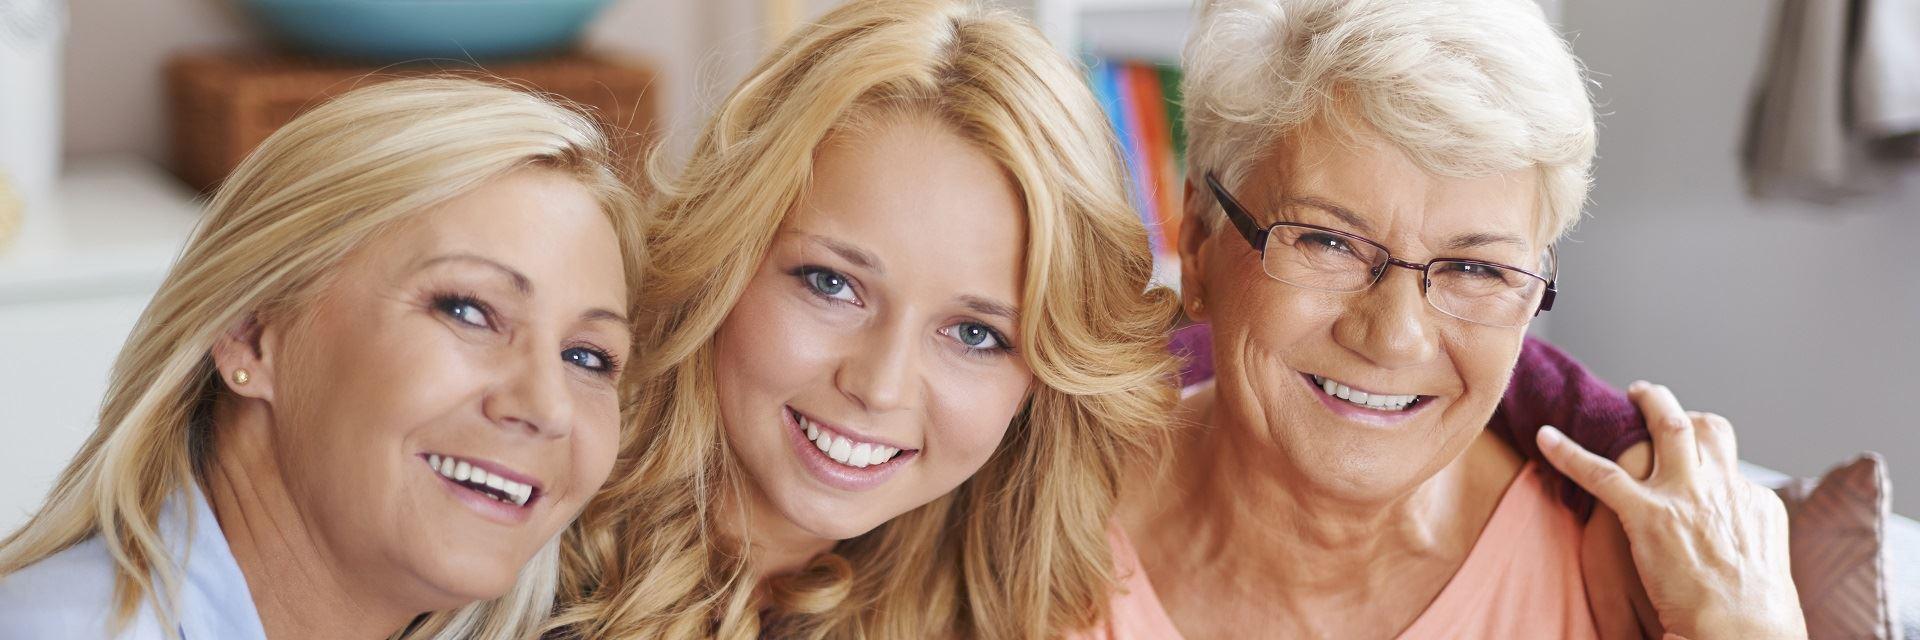 uśmiechnięte kobiety w różnym wieku